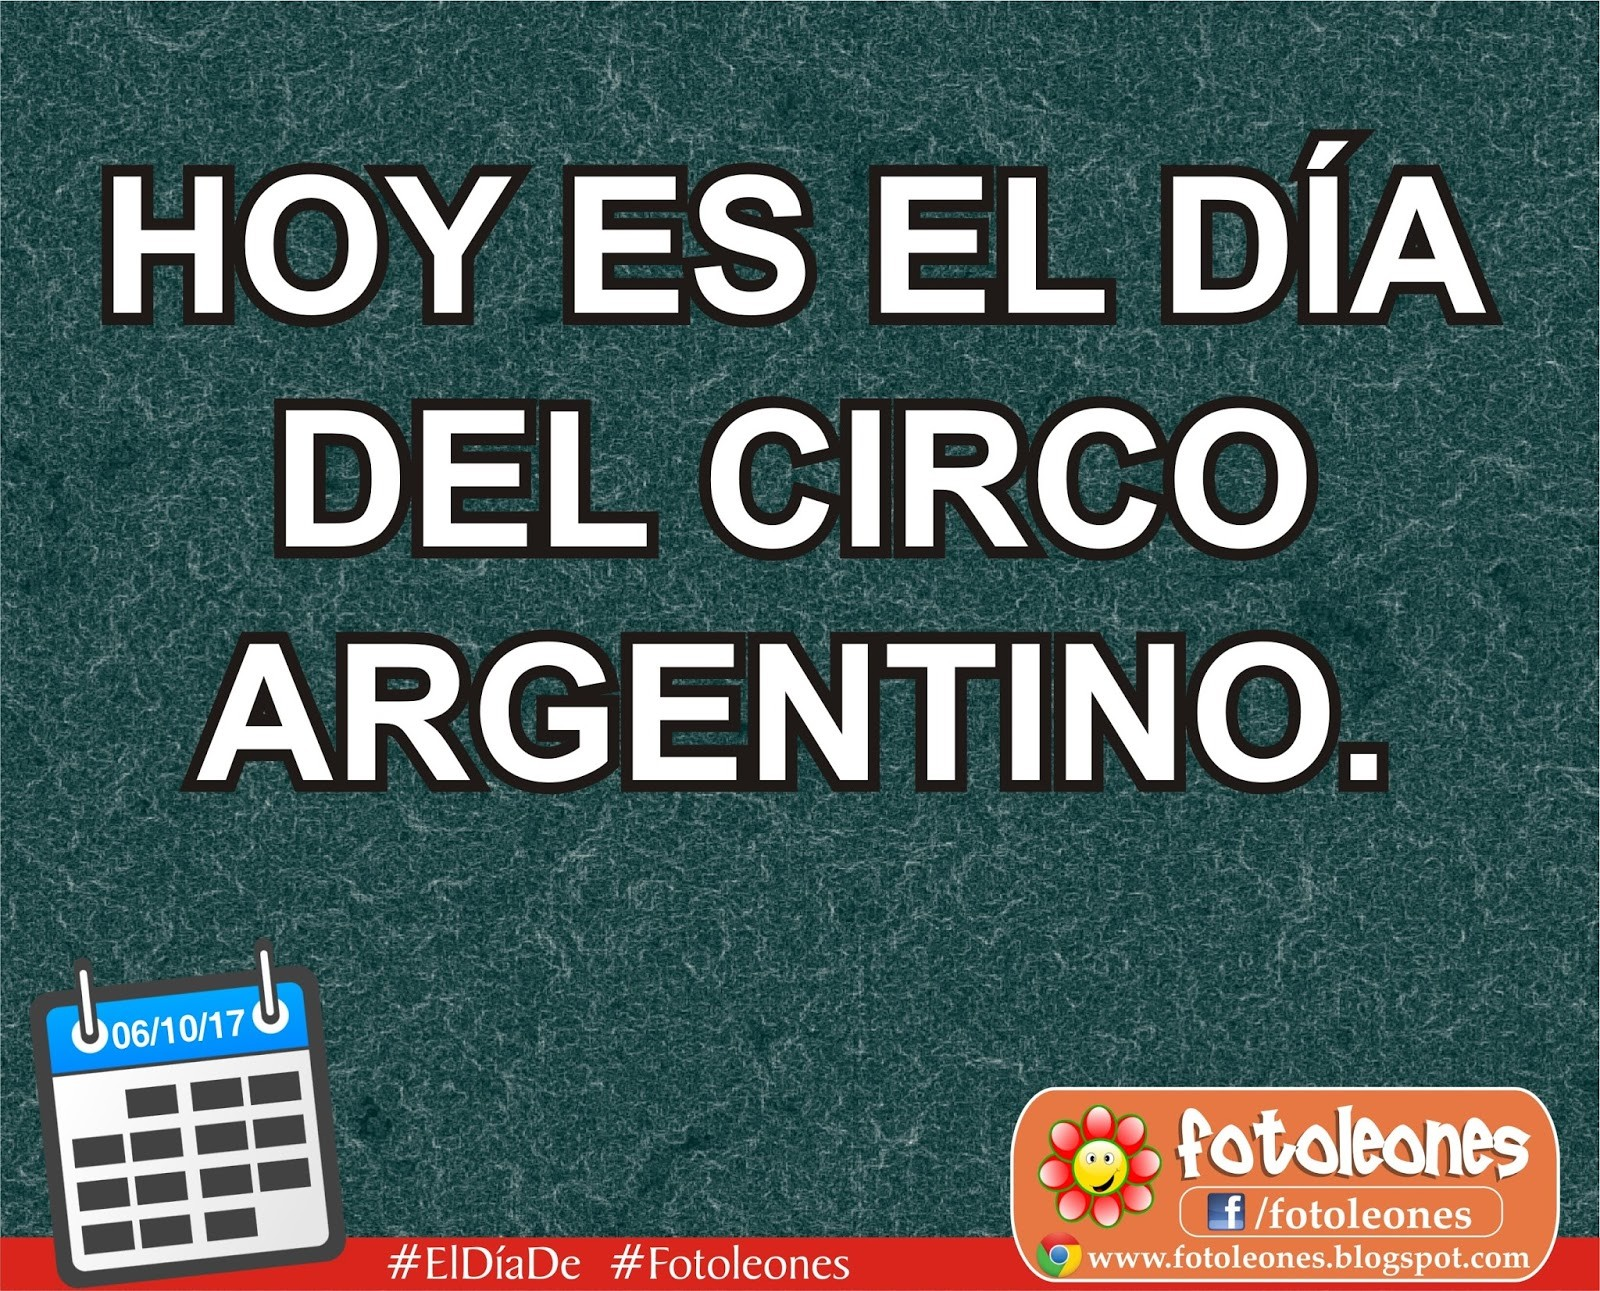 Calendario 2019 Argentina Oficial Para Imprimir Más Reciente Fotoleones Of Calendario 2019 Argentina Oficial Para Imprimir Más Reciente Calendario 2018 Para Imprimir Feriados Kordurorddiner